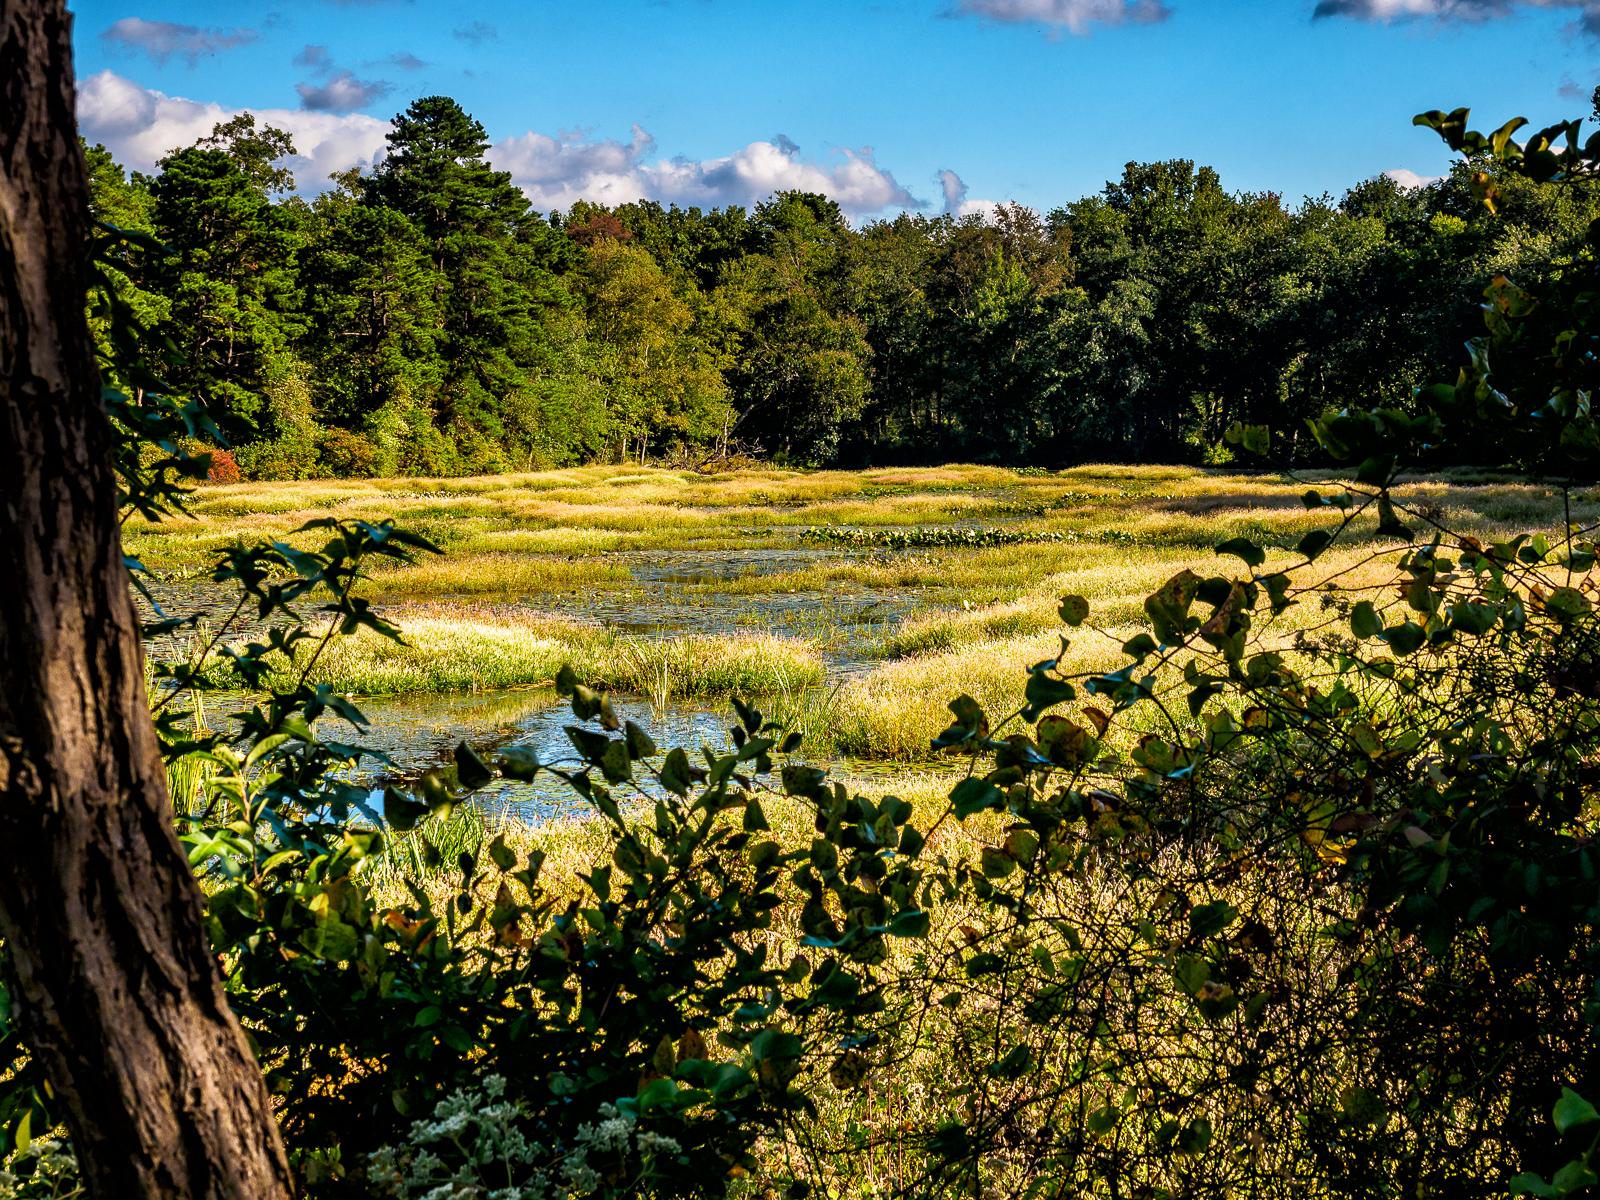 jackson-meadows-landscape-4